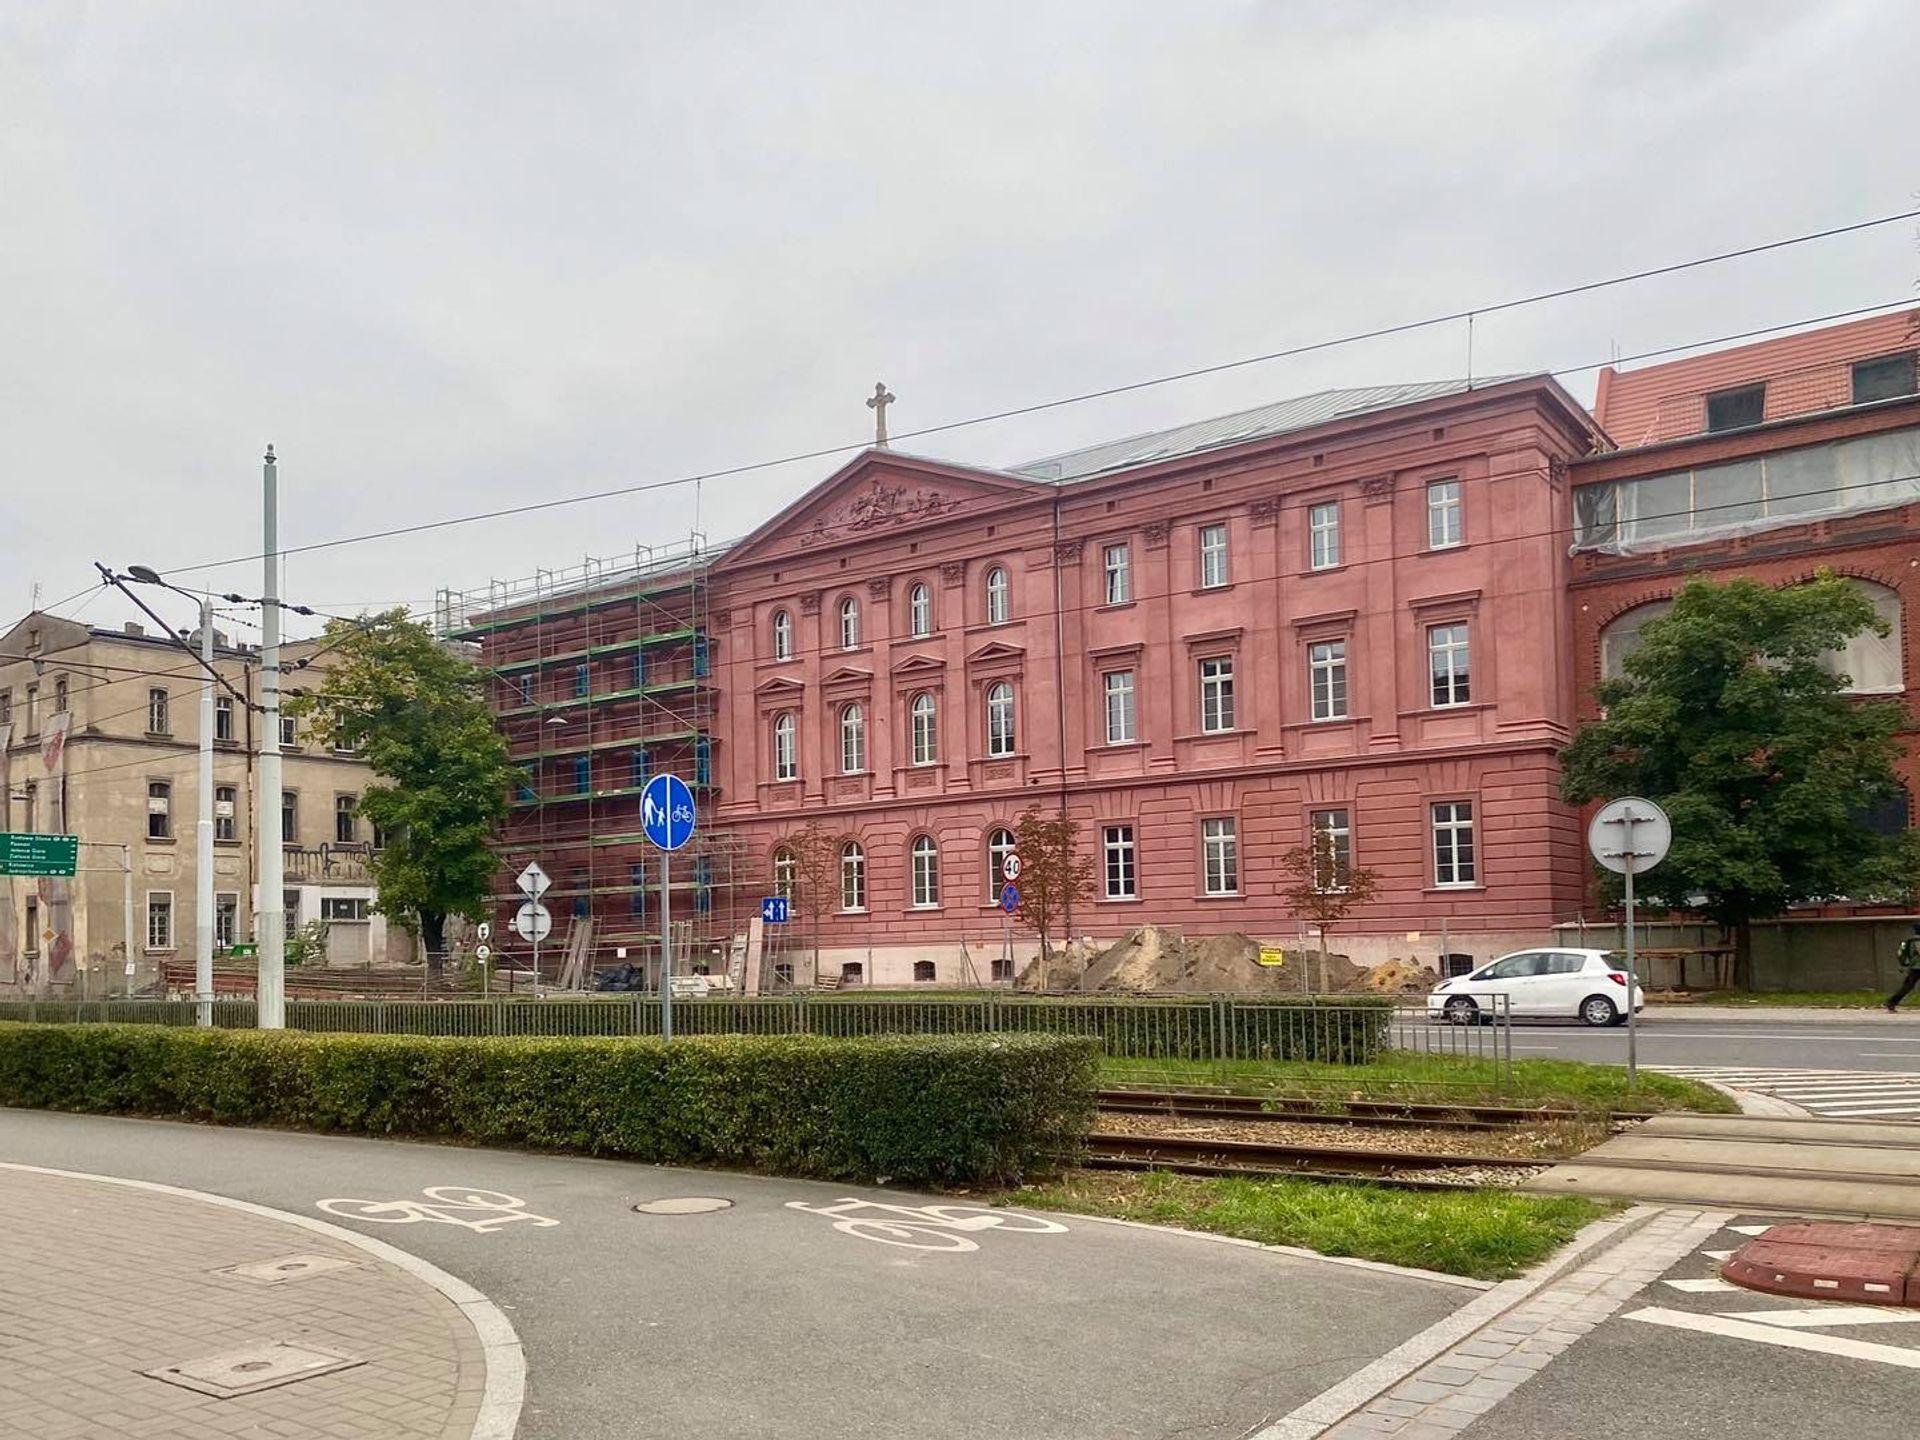 We Wrocławiu trwa rewitalizacja zabytkowego szpitala przy ulicy Pułaskiego [ZDJĘCIA + WIZUALIZACJE]